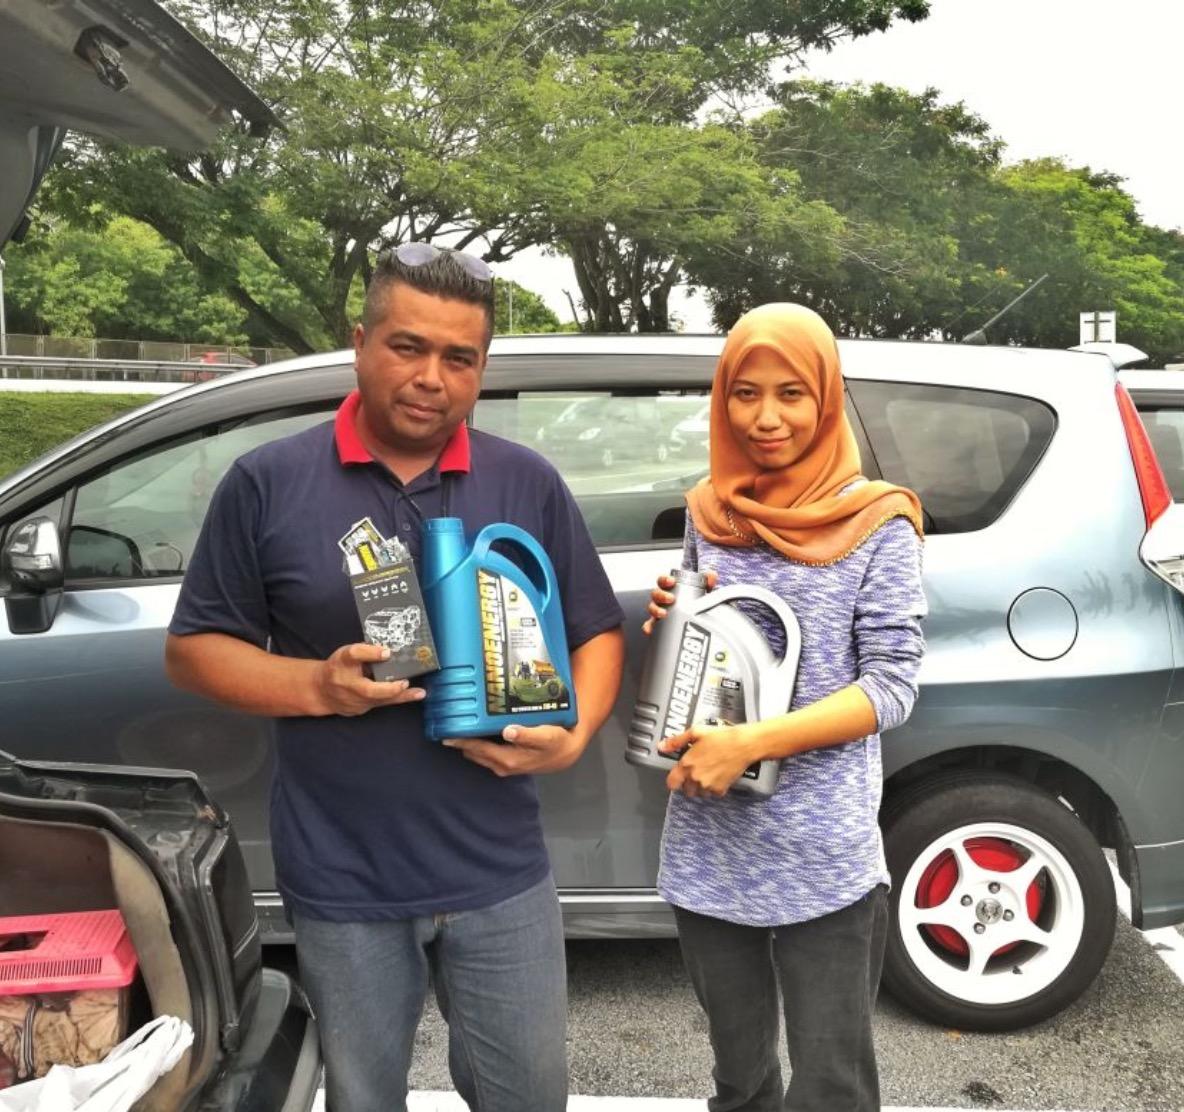 sajagempak.com - 'Dia Tanya Plastik ke..' Wanita Terpaksa Tebalkan Muka Pakai Tudung Plastik Jumpa Customer